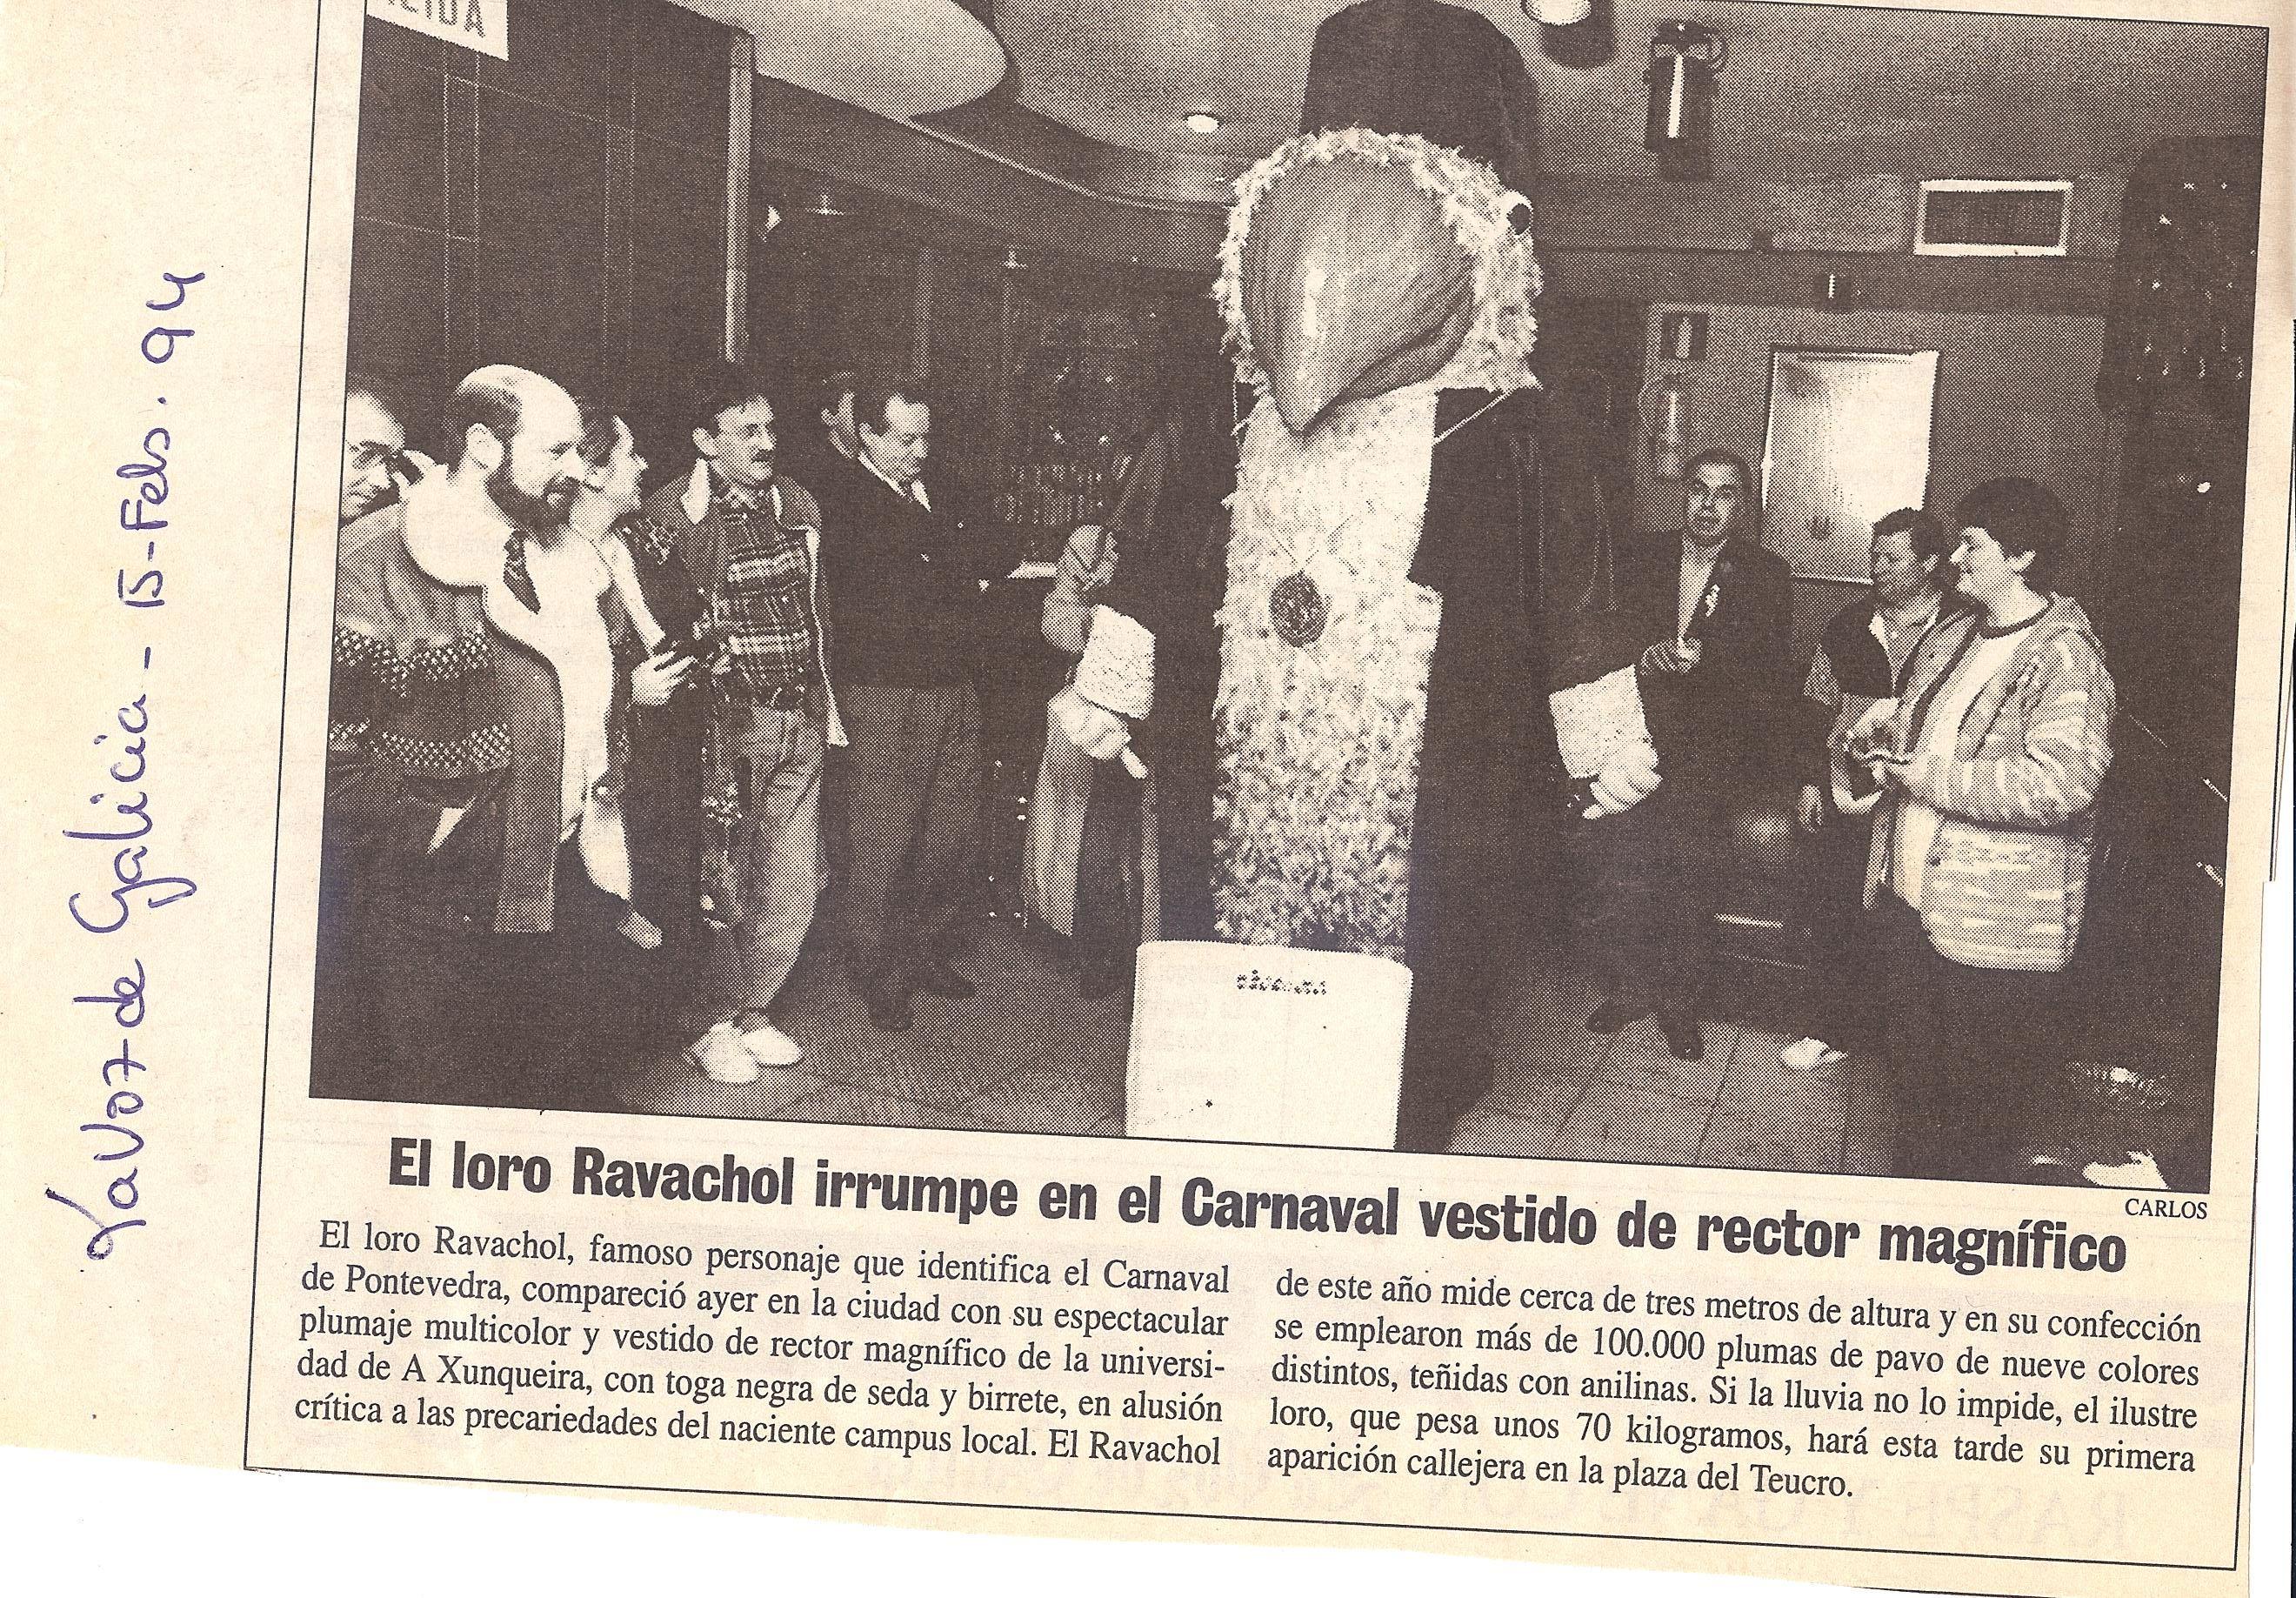 PRENSA, PRESENTACION LORO RAVACHOL  RECTOR EN DISCOTECA SHIVA